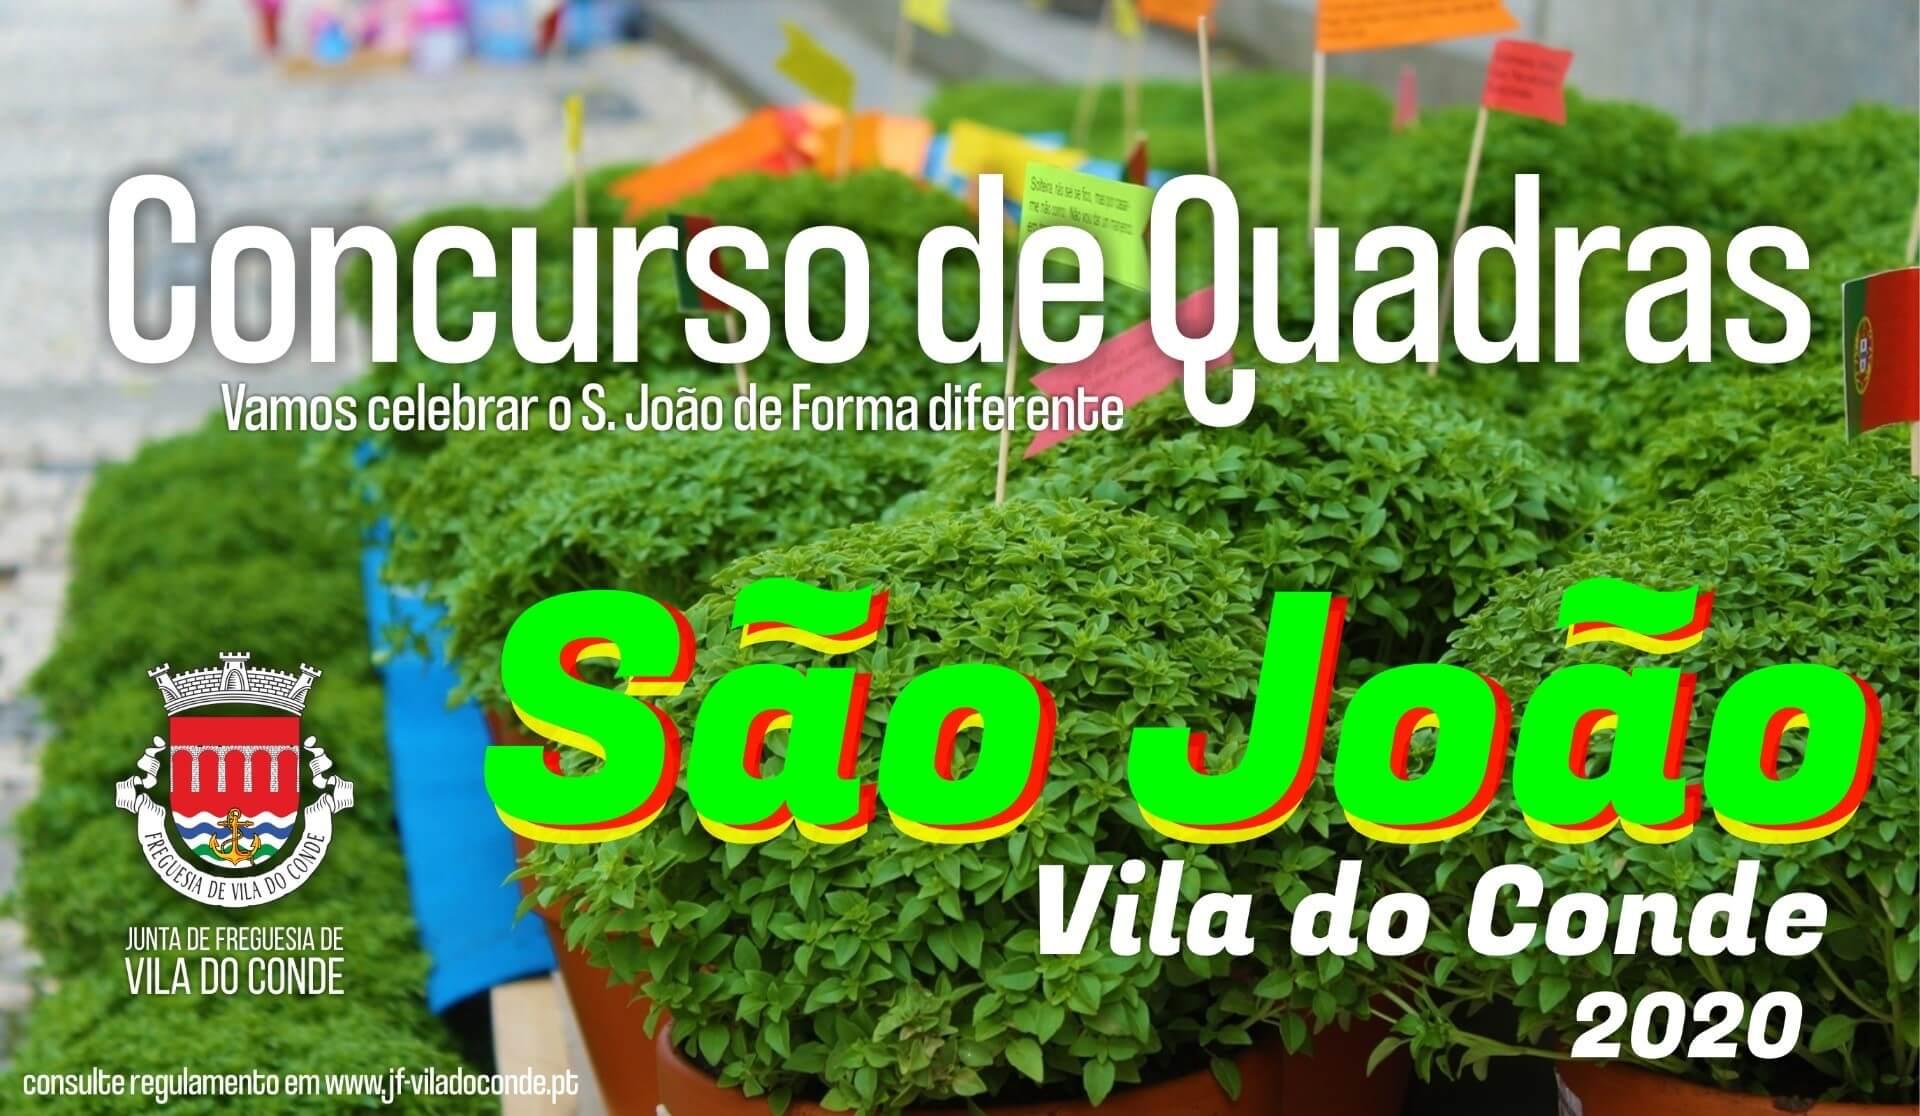 Concurso de Quadras - S. João de Vila do Conde